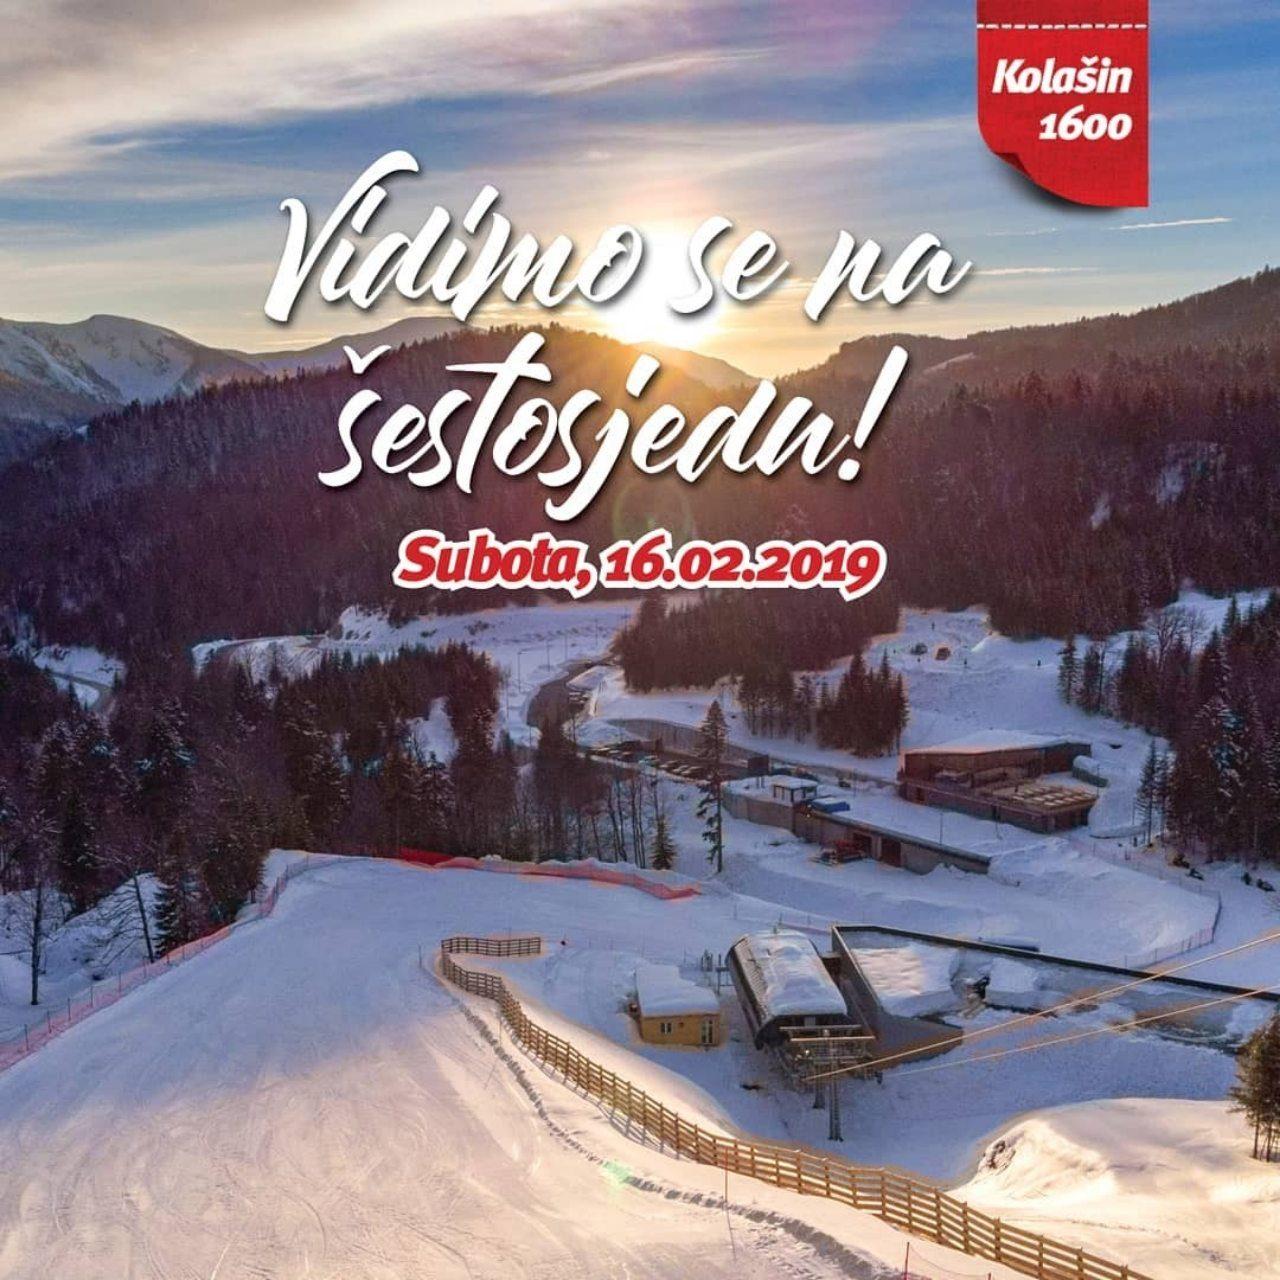 Sergej Ćetković na otvaranju skijališta Kolašin 1600! Vidimo se na šestosjedu!